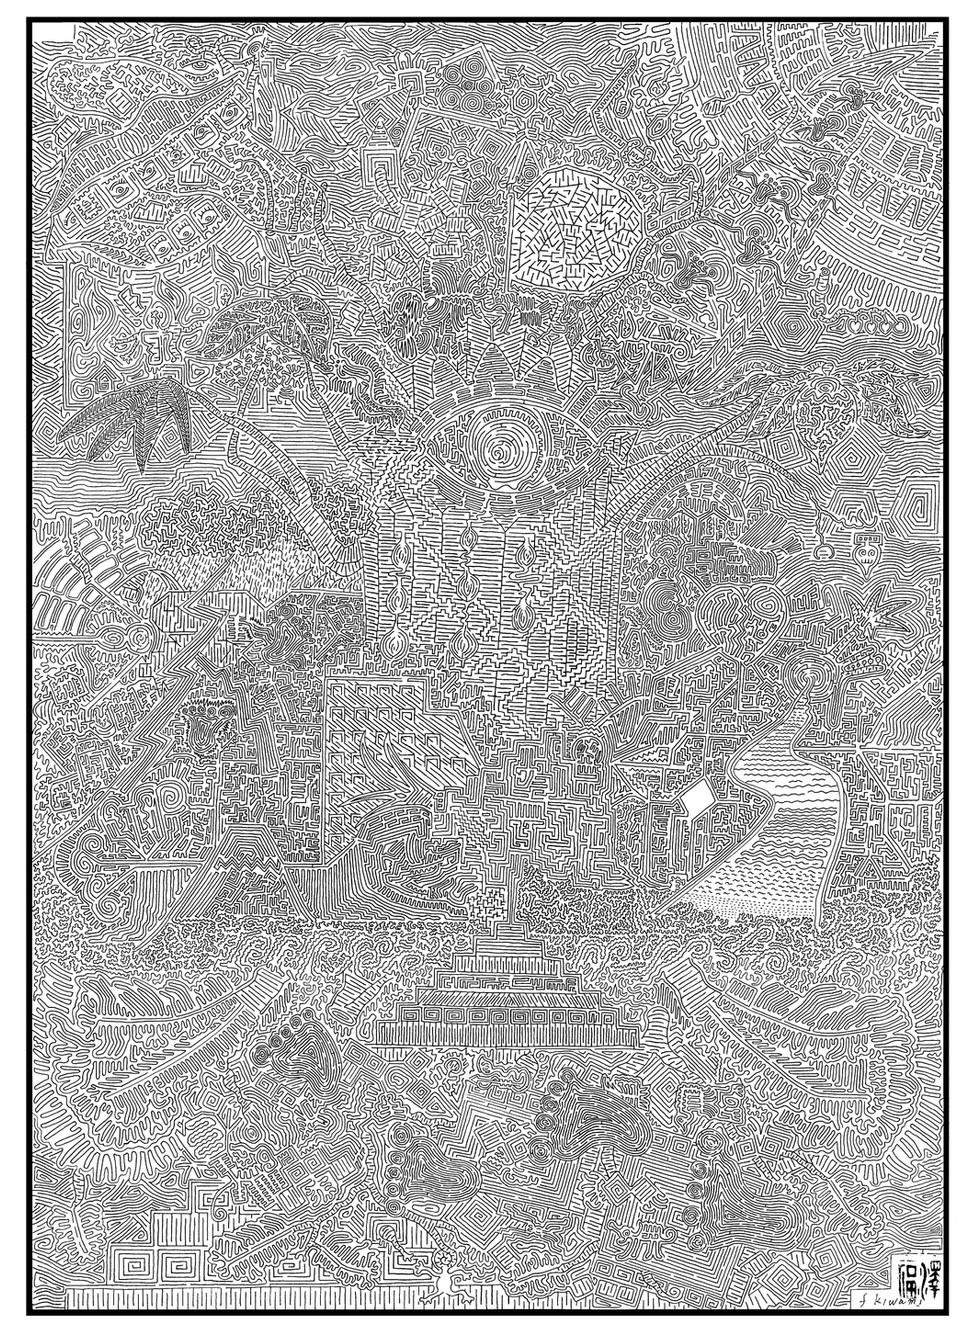 迷路アート「無迷」maze art - コピー.jpg